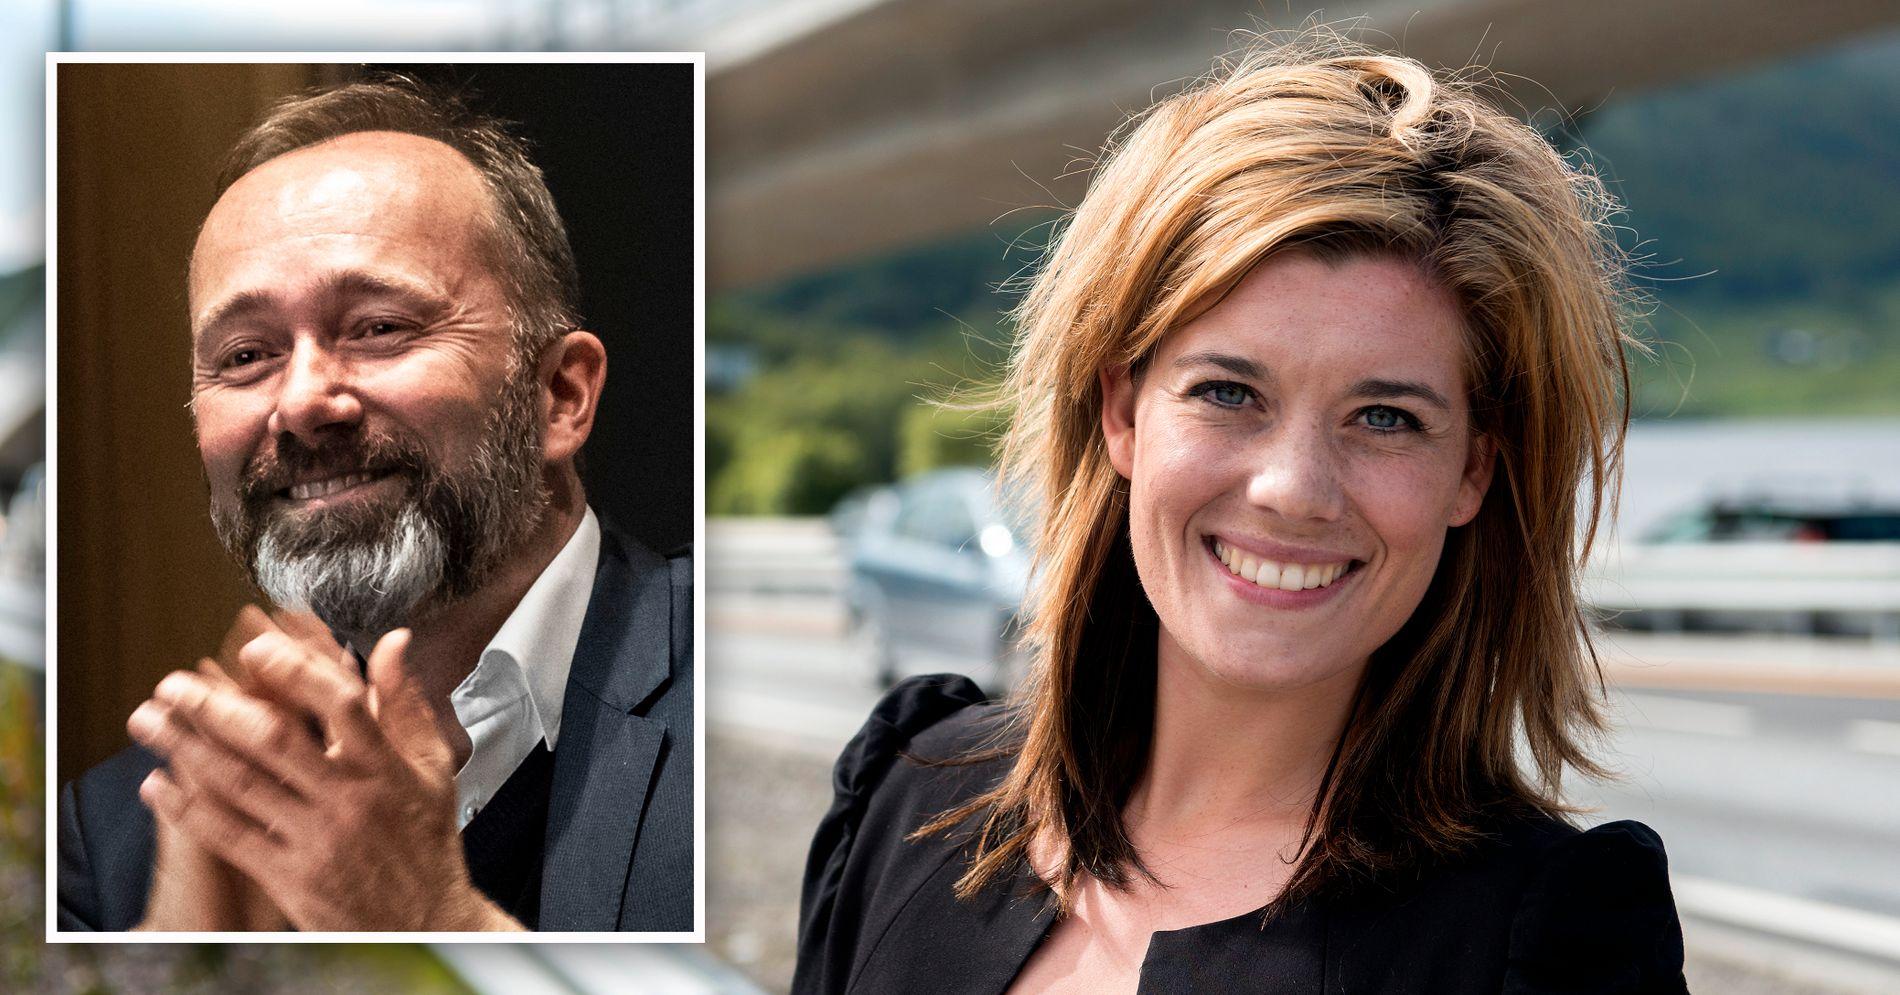 KRITISK: Pressens Faglige Utvalg bør vurdere om VG har brutt journalistikkens etiske retningslinjer, skriver Sara Berge Økland.